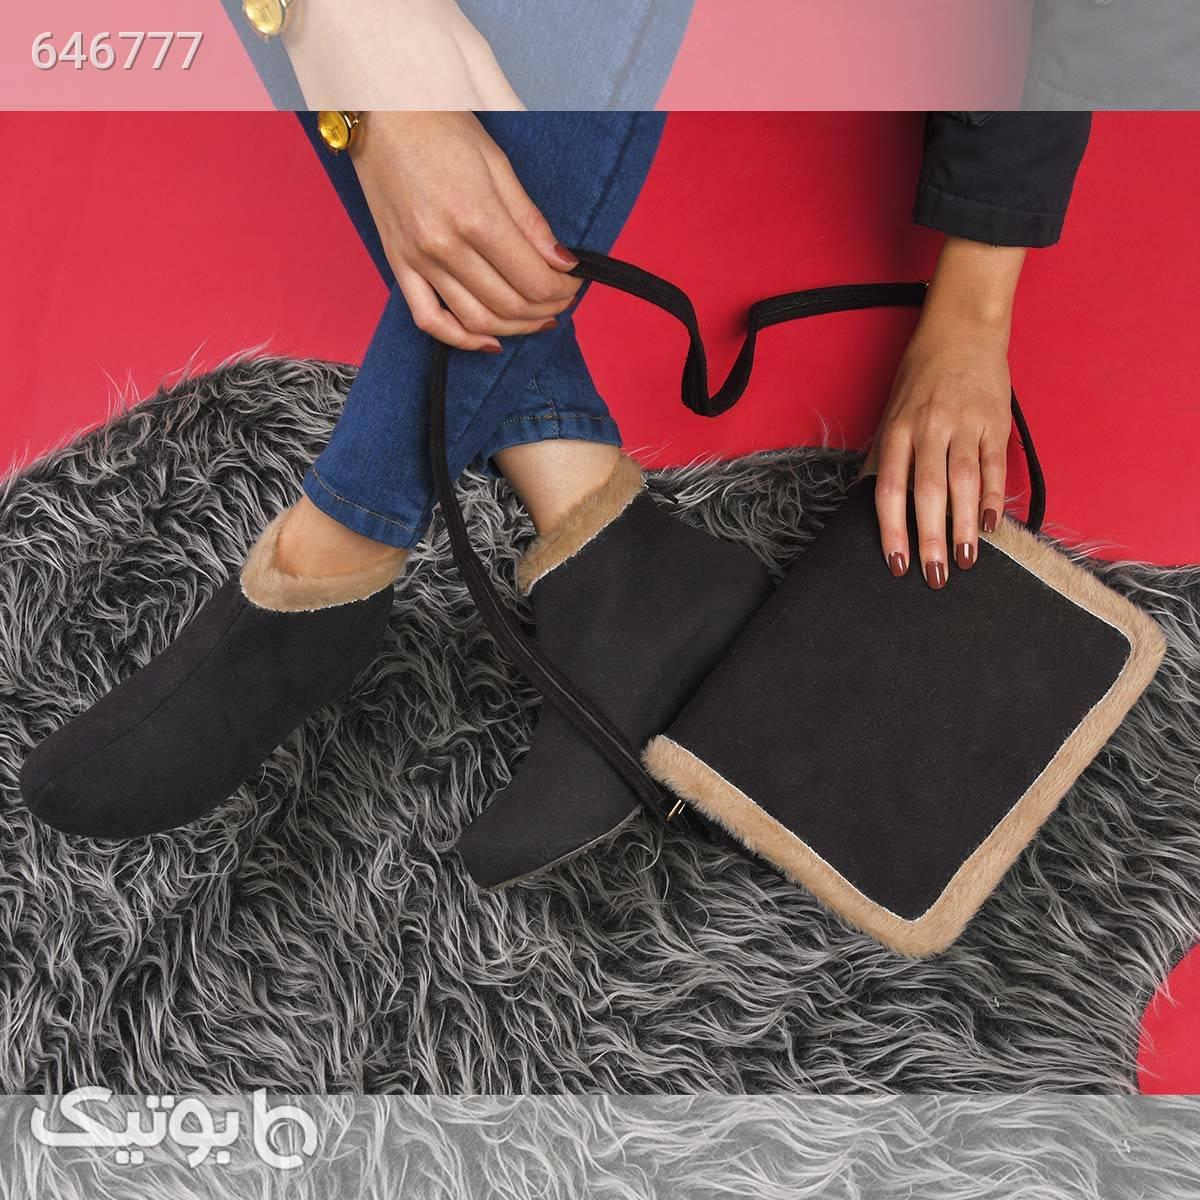 کیف وکفش دخترانه ariana مشکی ست کیف و کفش زنانه